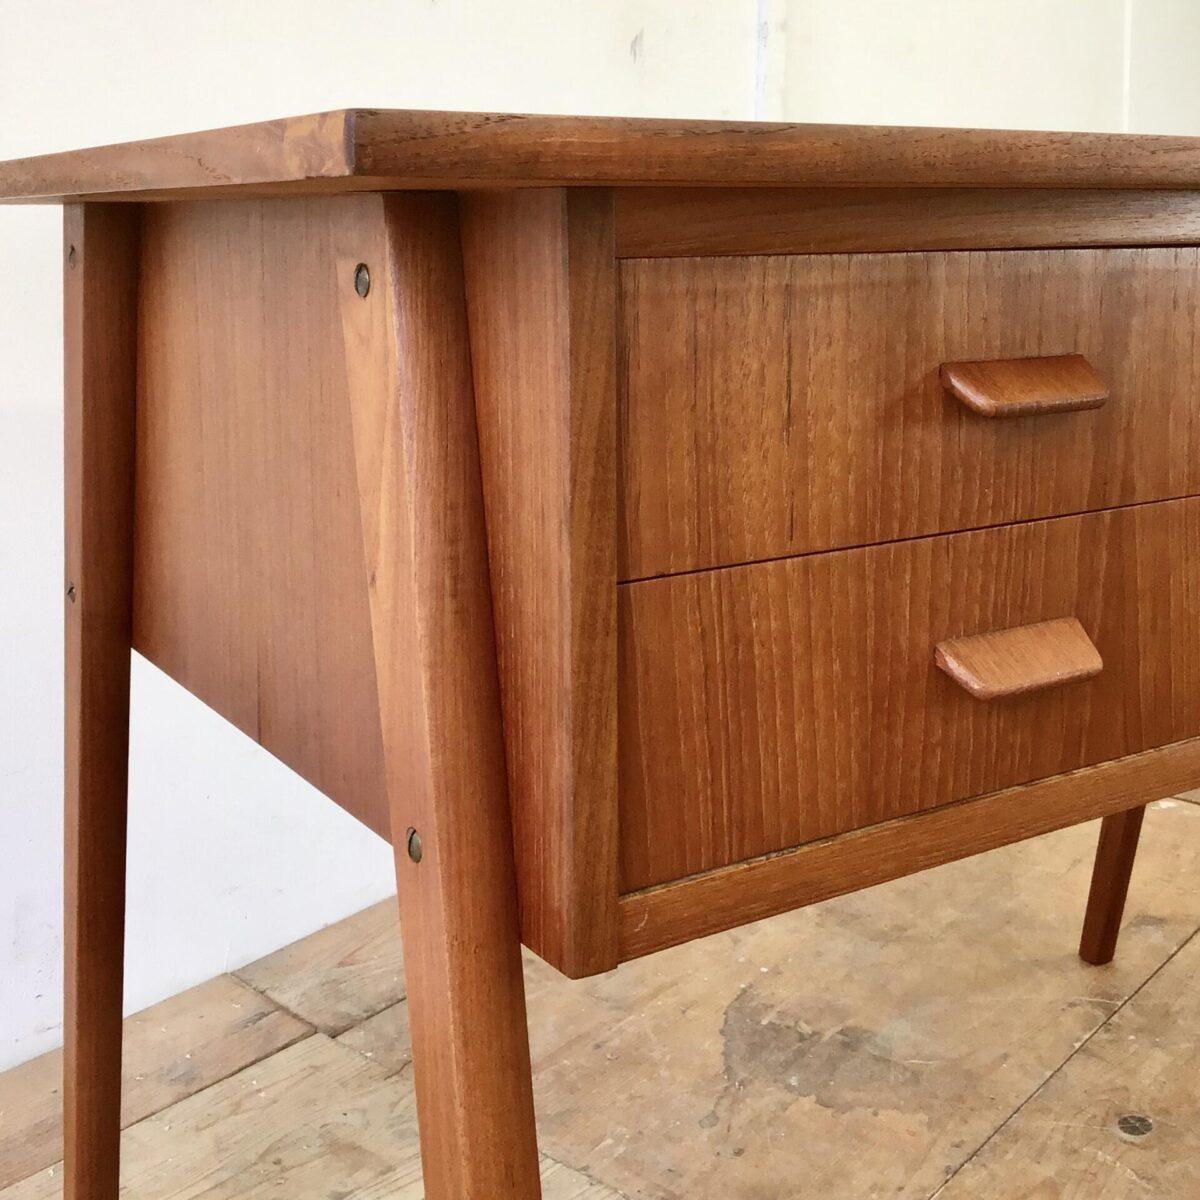 Dänischer Midcentury Teak Schreibtisch aus den 60er Jahren. 110x60.5cm Höhe 73cm. Eine der drei Schubladen ist abschliessbar. Beine können demontiert werden. Das Tischblatt wurde leider mal als Schneid Unterlage verwendet. Die Oberfläche ist aber in glattem, funktionstüchtigen Zustand.